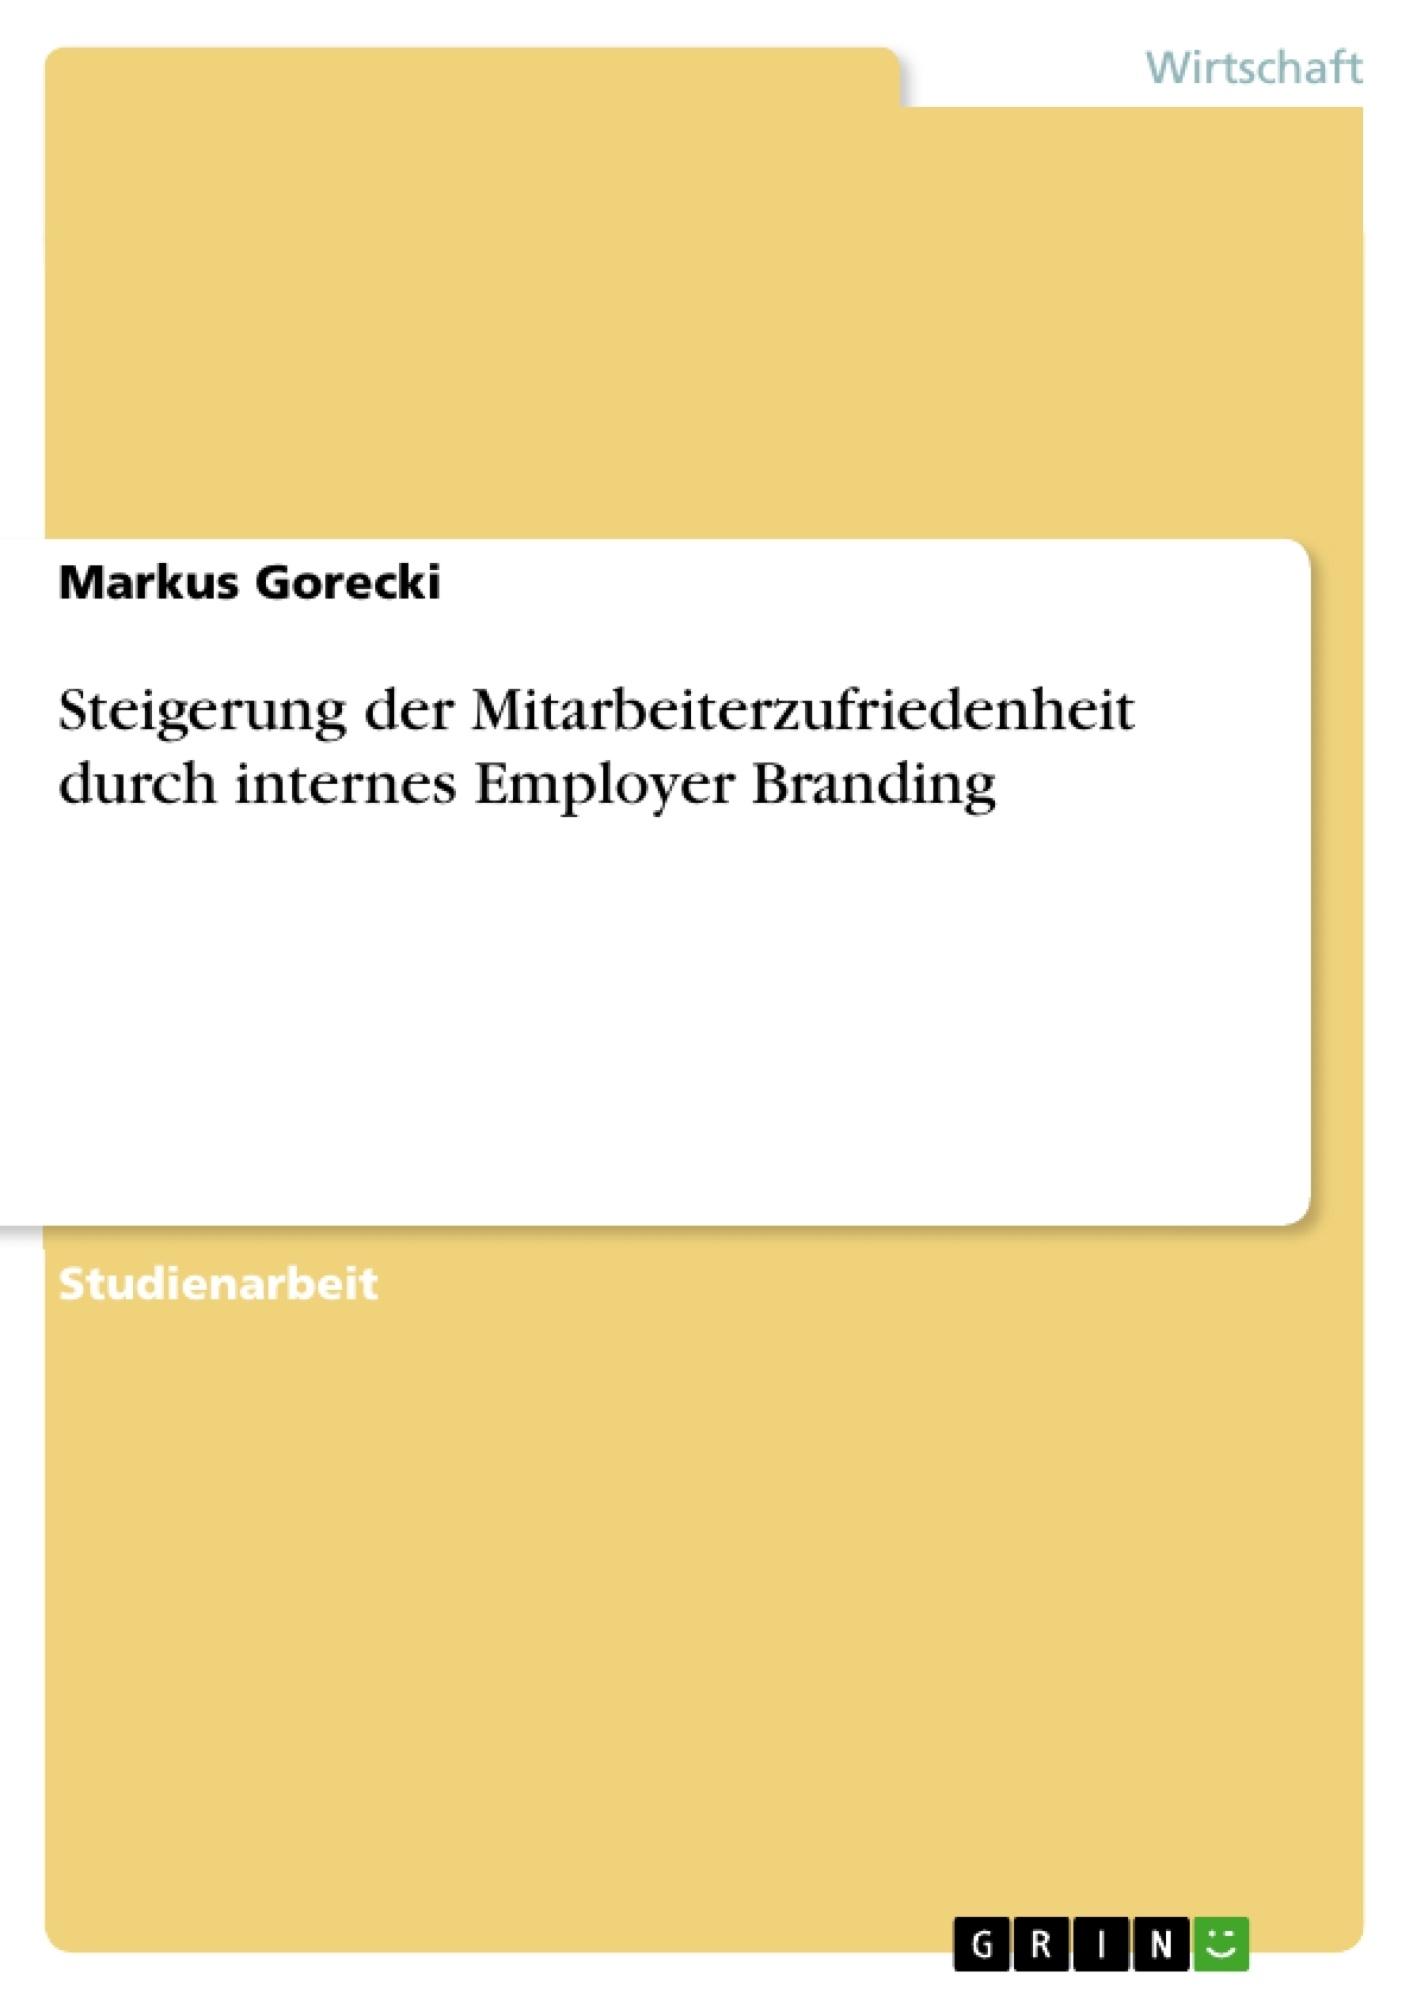 Titel: Steigerung der Mitarbeiterzufriedenheit durch internes Employer Branding